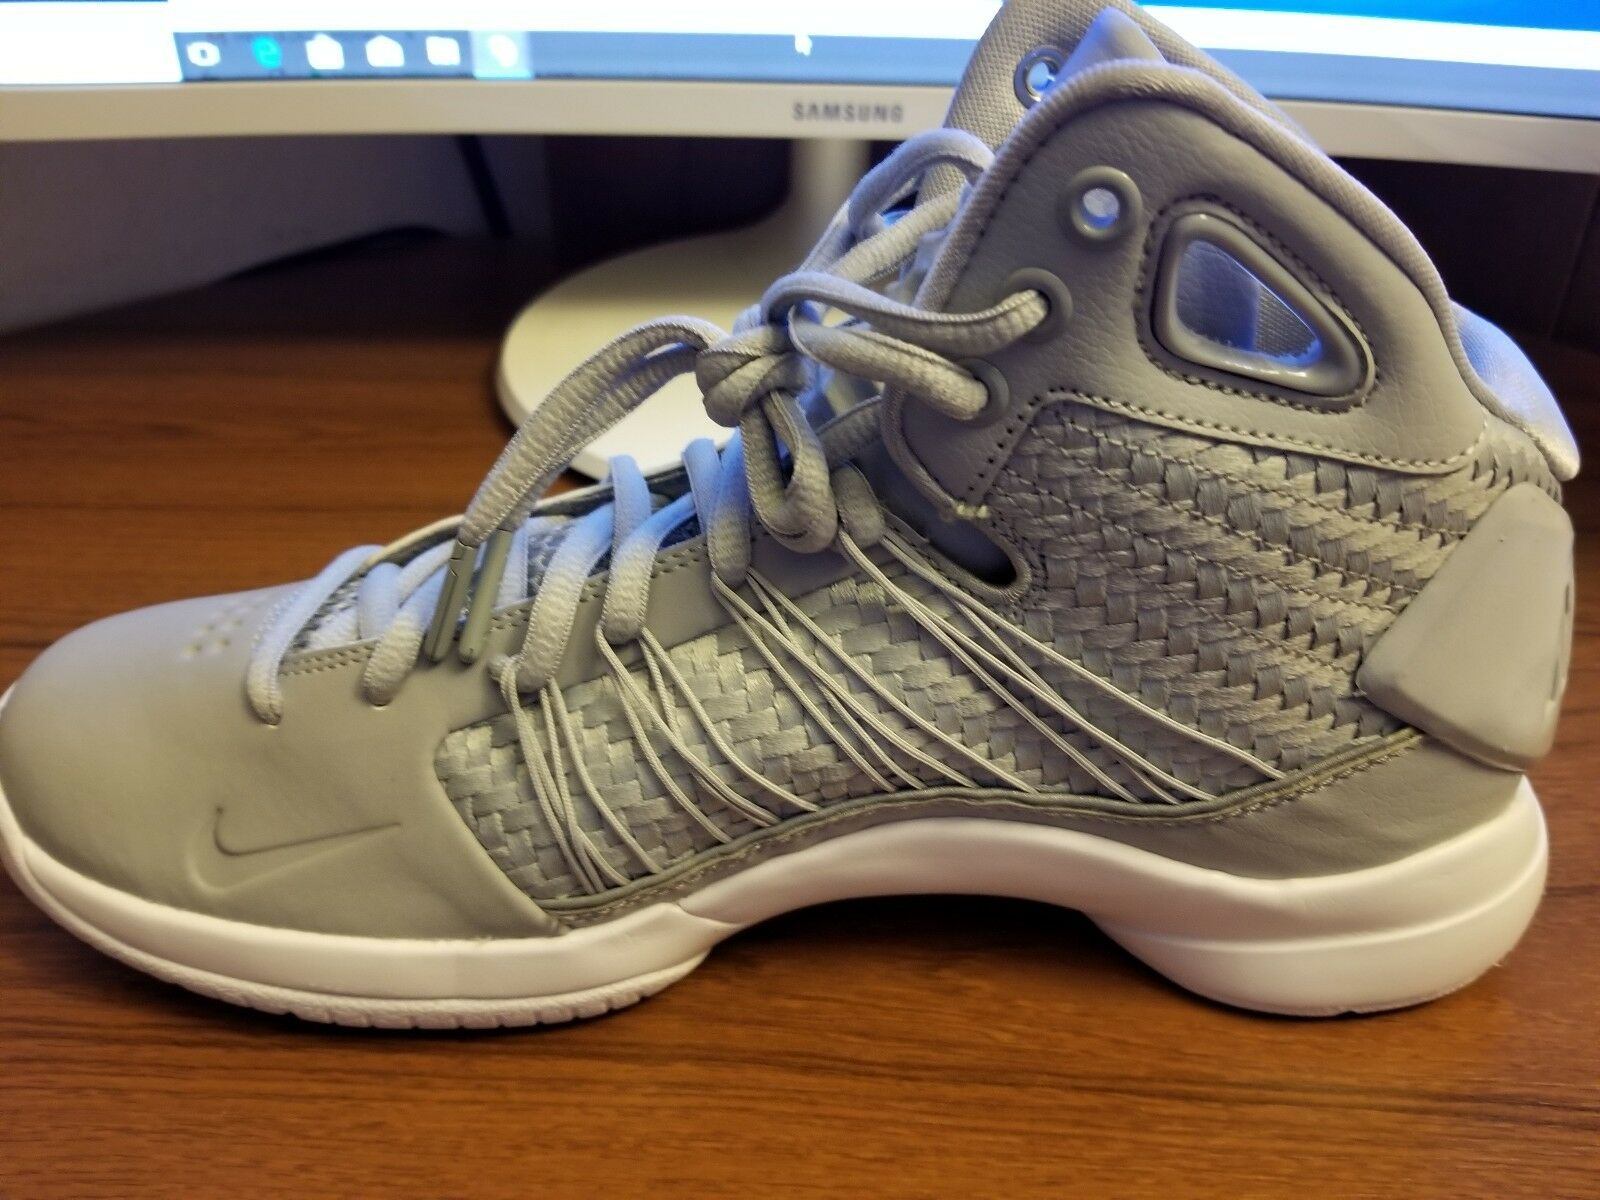 Nike - 818137-002 - hyperdunk lux - - scarpe da uomo - lux lupo grigio e bianco - misura 8,5 13ec5b